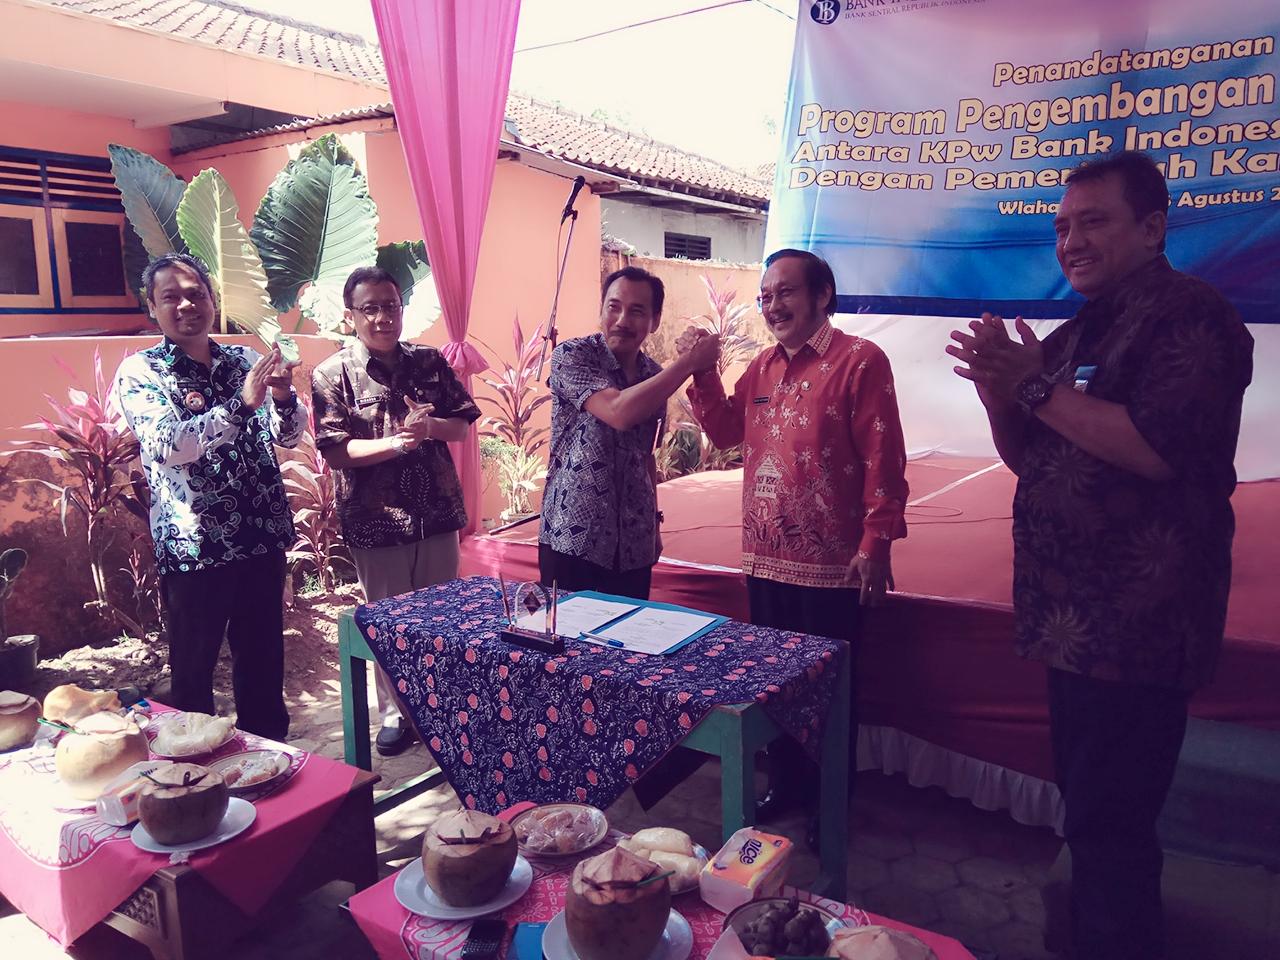 Bangun Desa Wlahar Wetan, Pemdes dan Bank Indonesia Serta Pemkab Banyumas Siap Kuatkan Cluster Ekonomi Kreatif